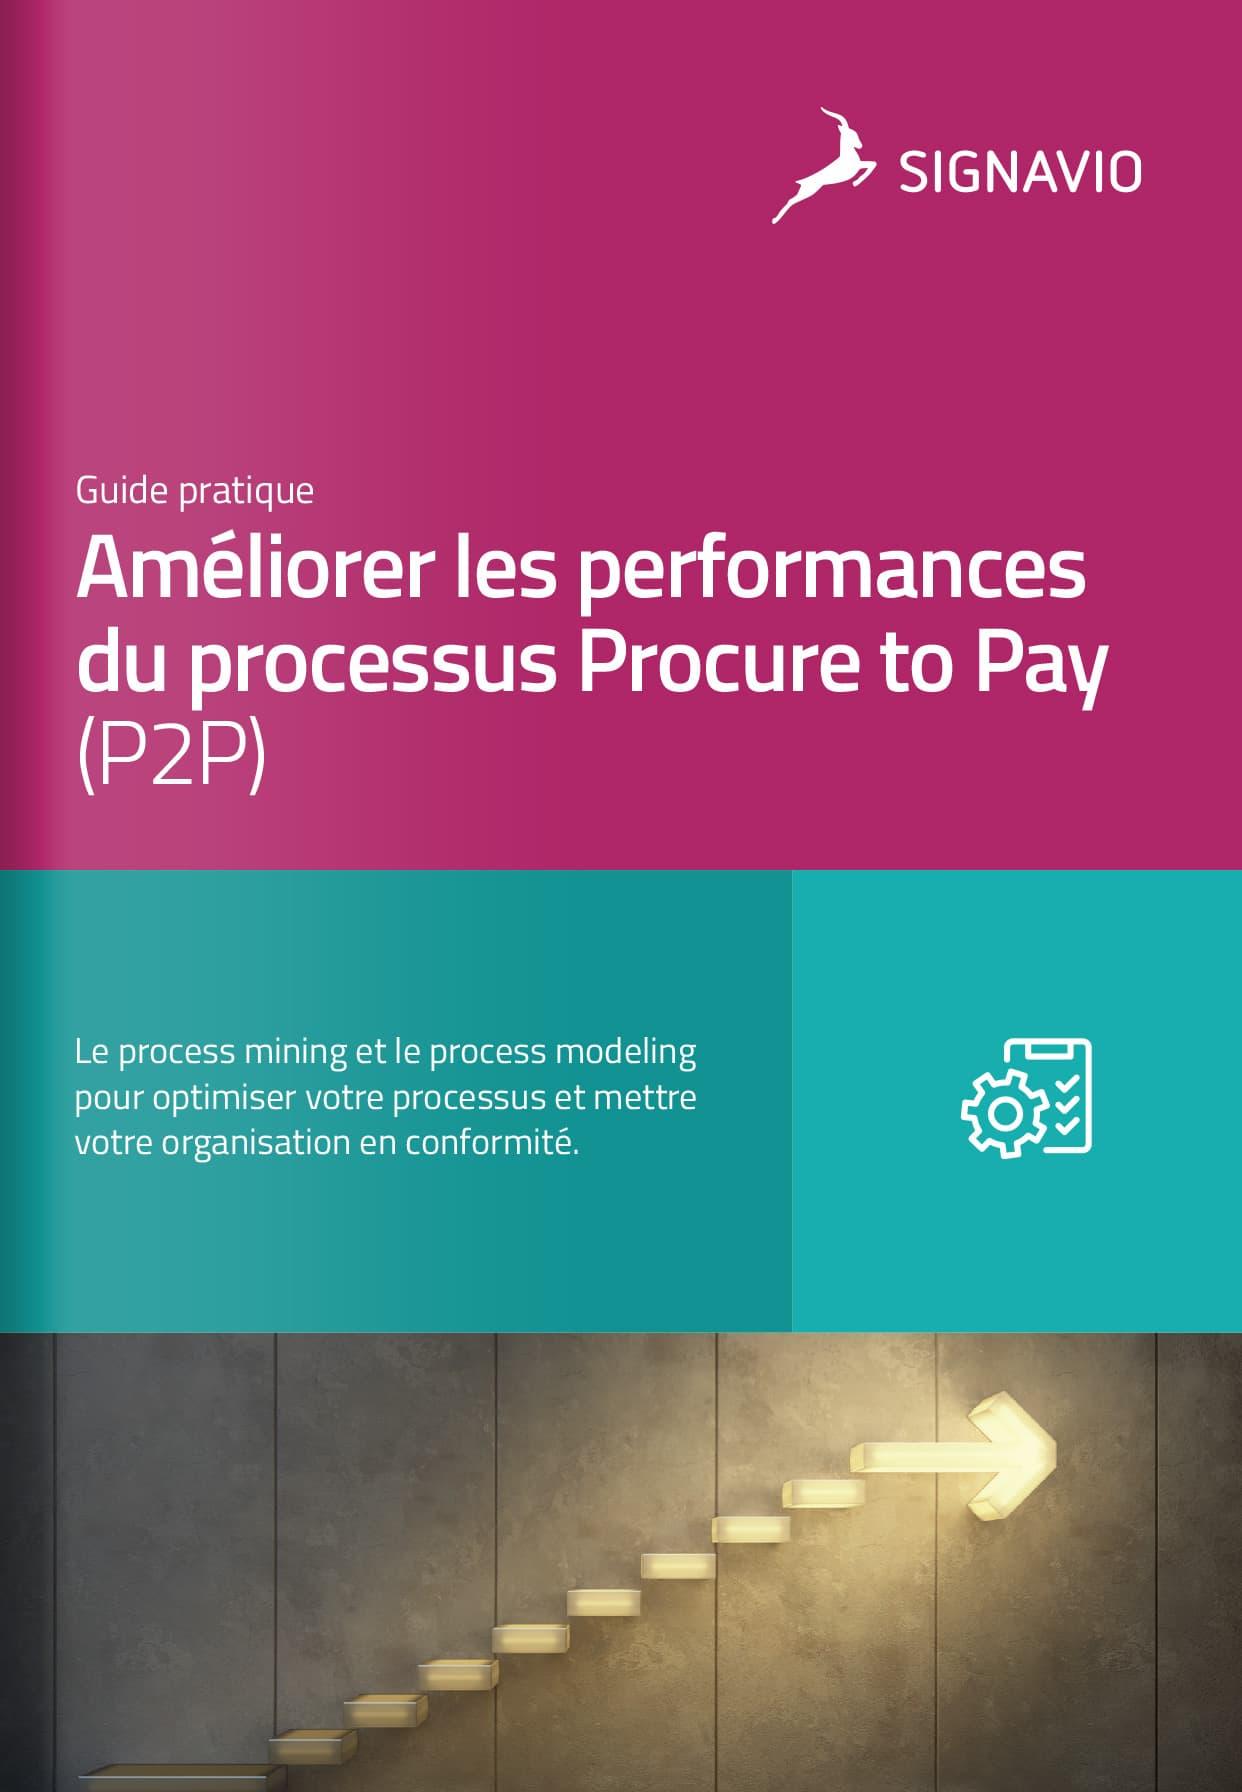 Améliorer les performances du processus Procure to Pay (P2P)